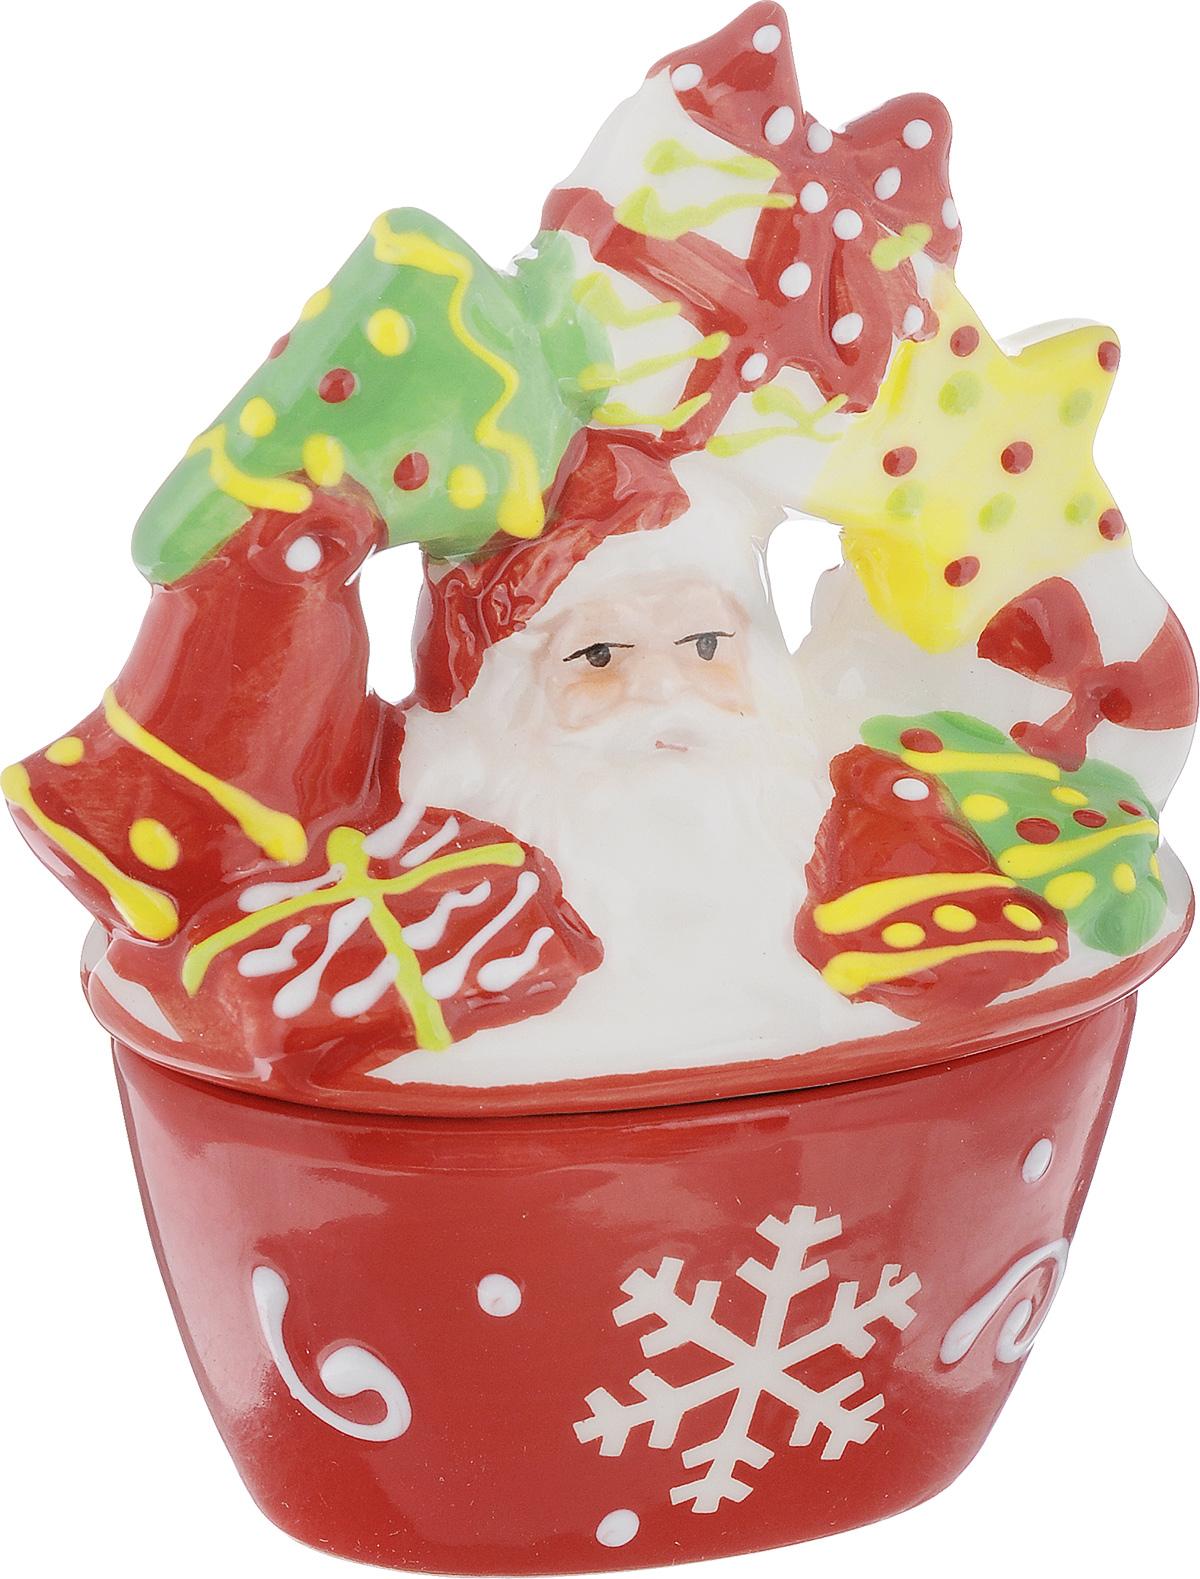 Конфетница House & Holder, с крышкой, 9 х 5 х 11 см115510Конфетница House & Holder выполнена извысококачественной керамики, оснащена крышкойс изображение Деда Мороза с подарками. Изделиеоформлено в новогоднем стиле. Конфетница оригинально украсит ваш стол иподчеркнет изысканный вкус хозяйки.Размер конфетницы (без учета крышки): 7,3 х 4,7х 4 см.Размер конфетницы (с учетом крышки): 19,5 х 14 х20,5 см.